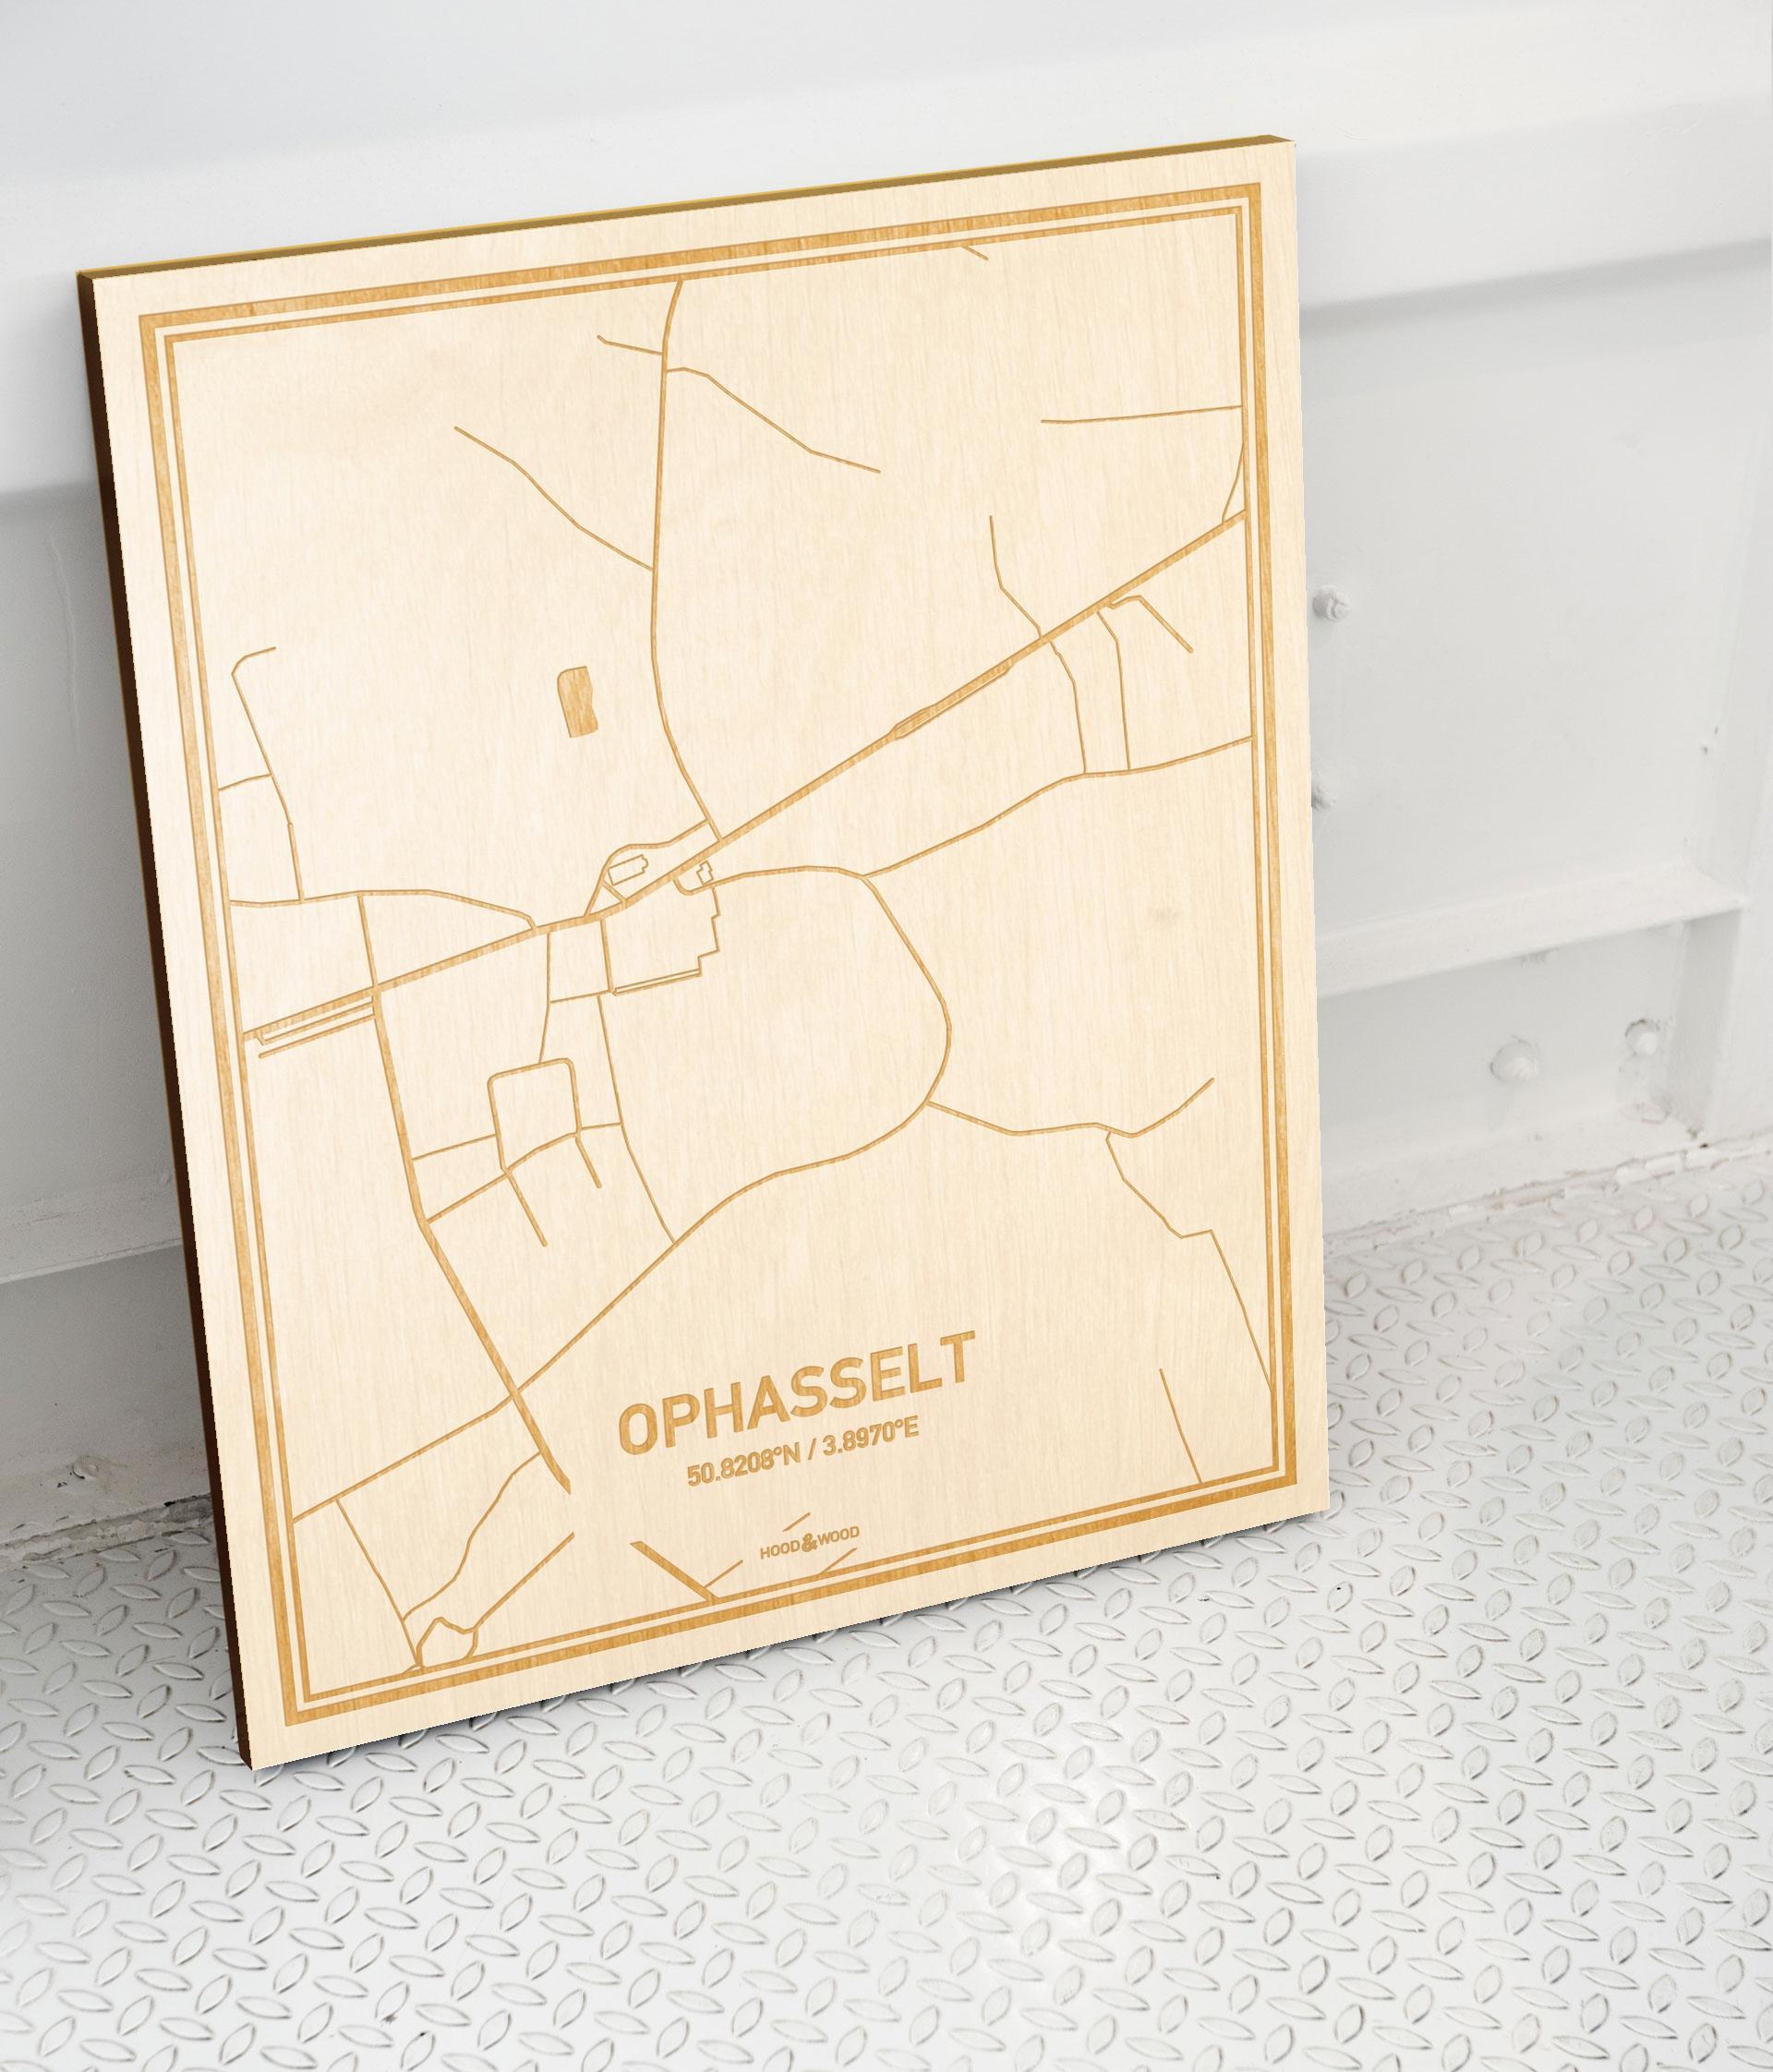 Plattegrond Ophasselt als prachtige houten wanddecoratie. Het warme hout contrasteert mooi met de witte muur.